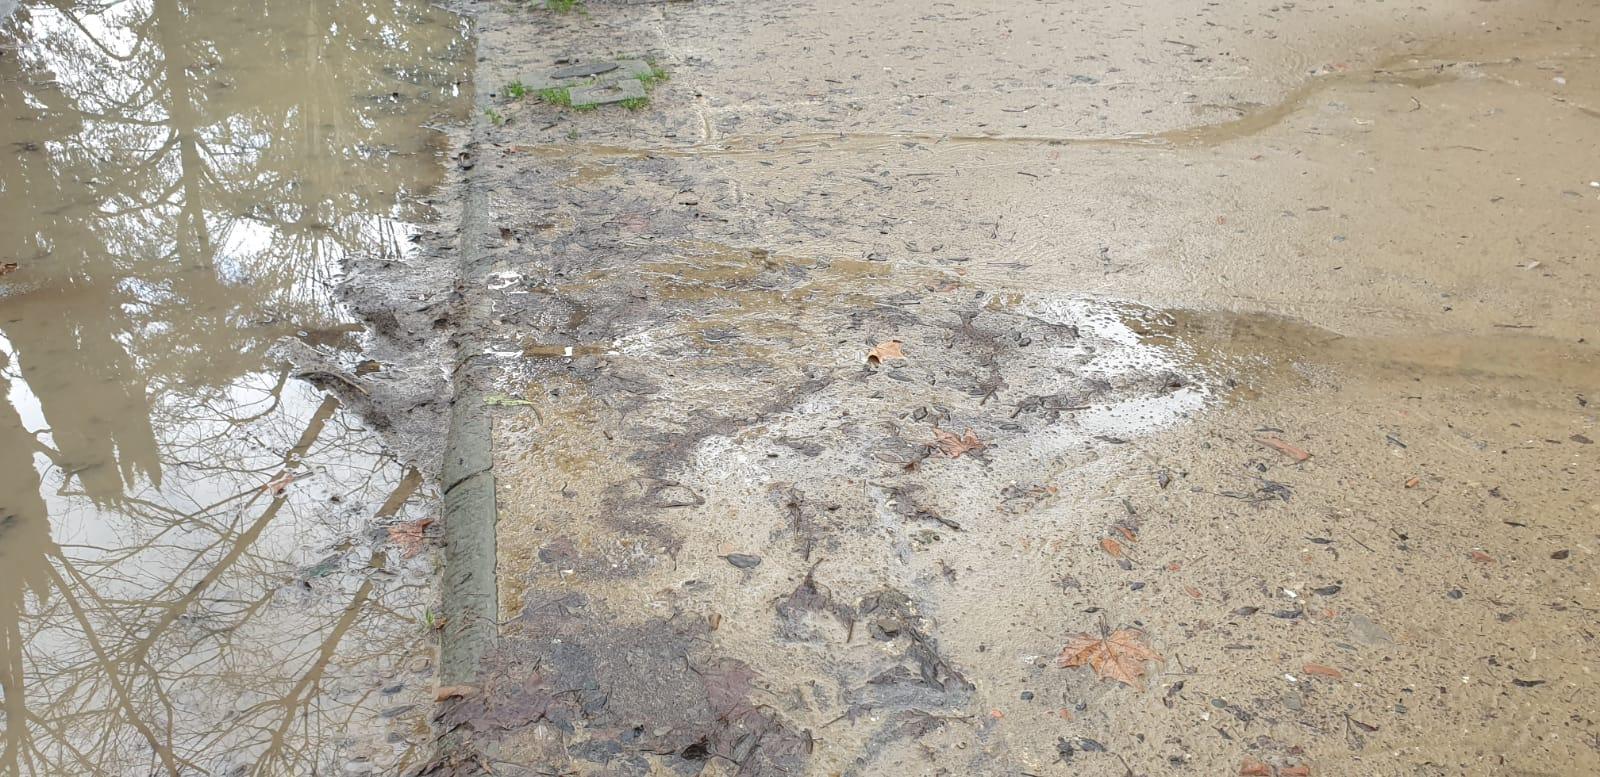 viale dei bambini alagamenti pioggia (10)